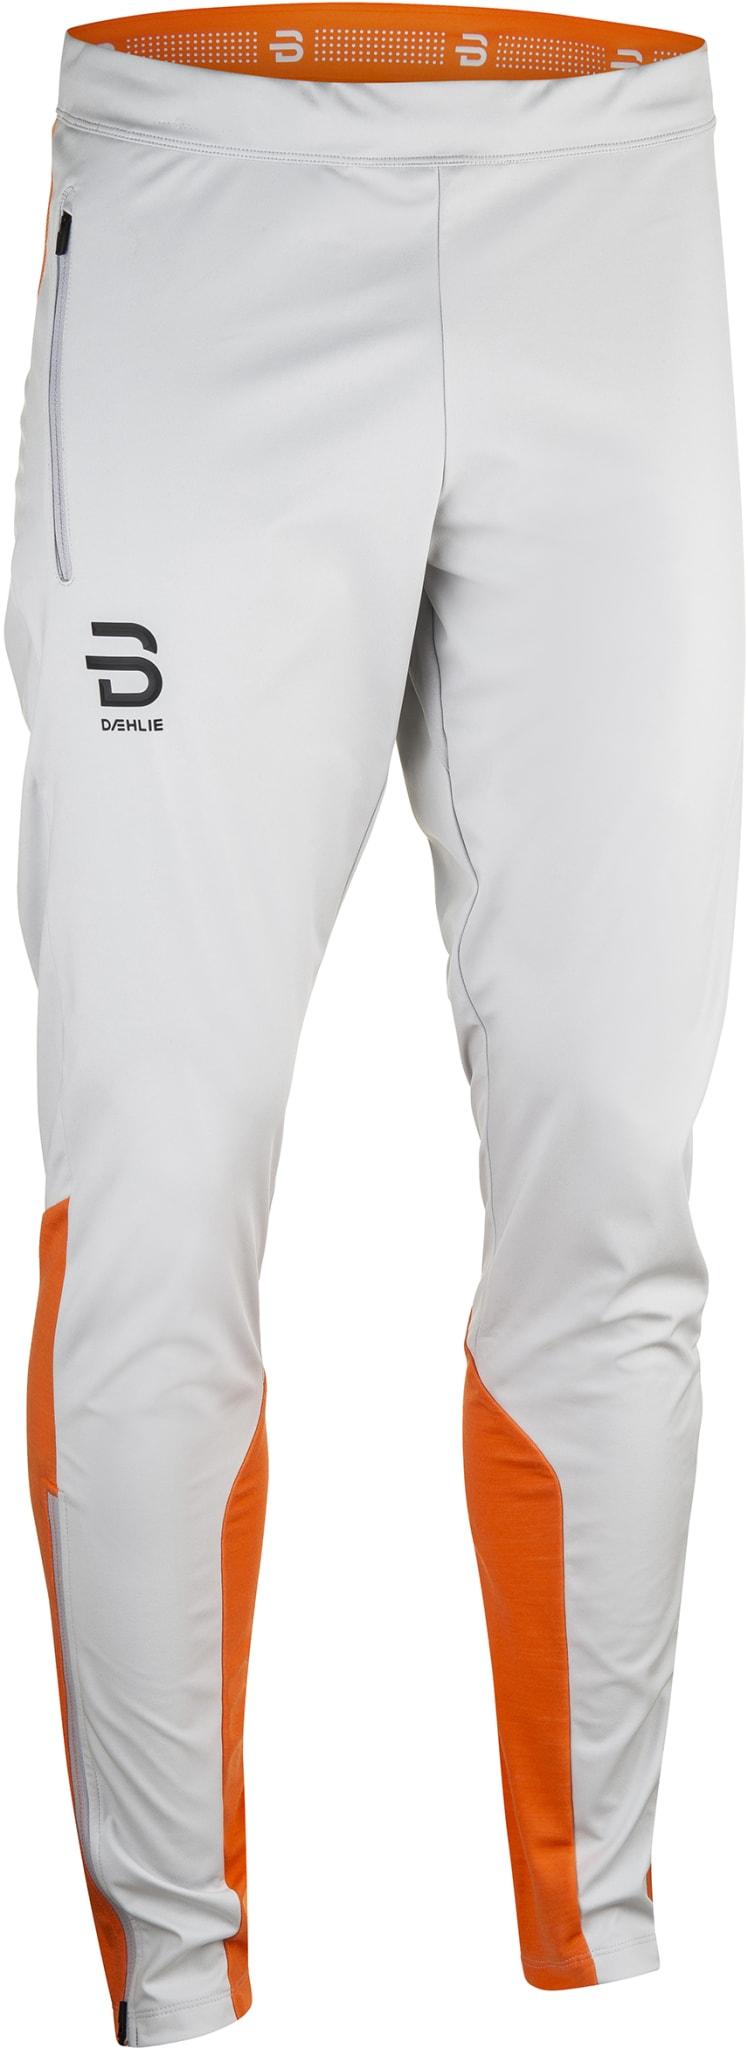 Pants Raw 4.0